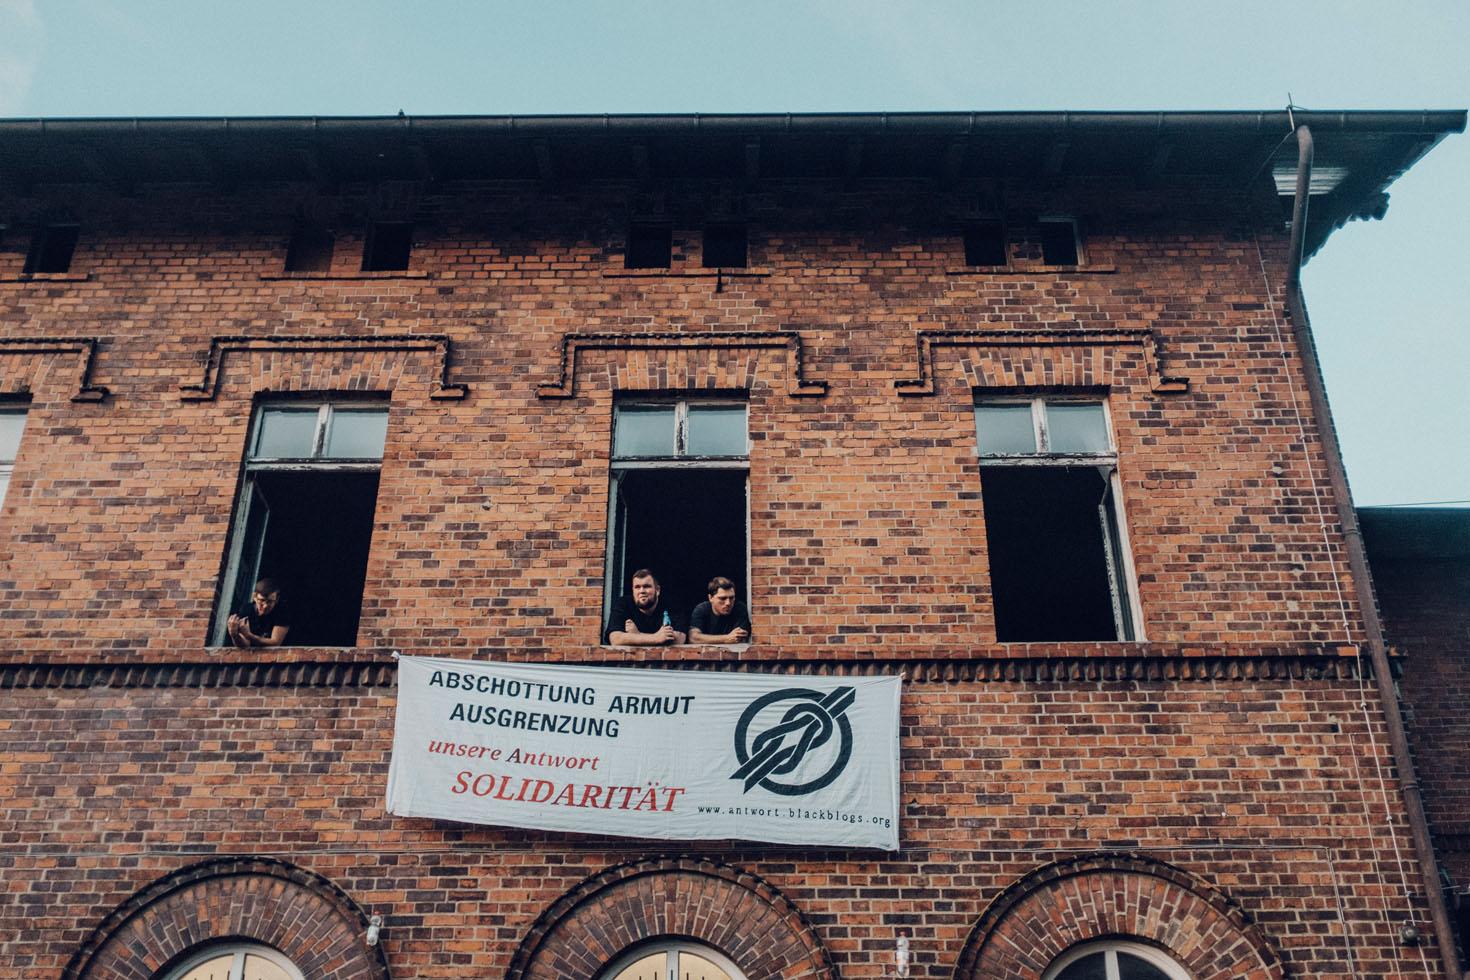 Marteria, Campino und Feine Sahne Fischfilet in Anklam - Noch nicht komplett im Arsch - 23.08.2016